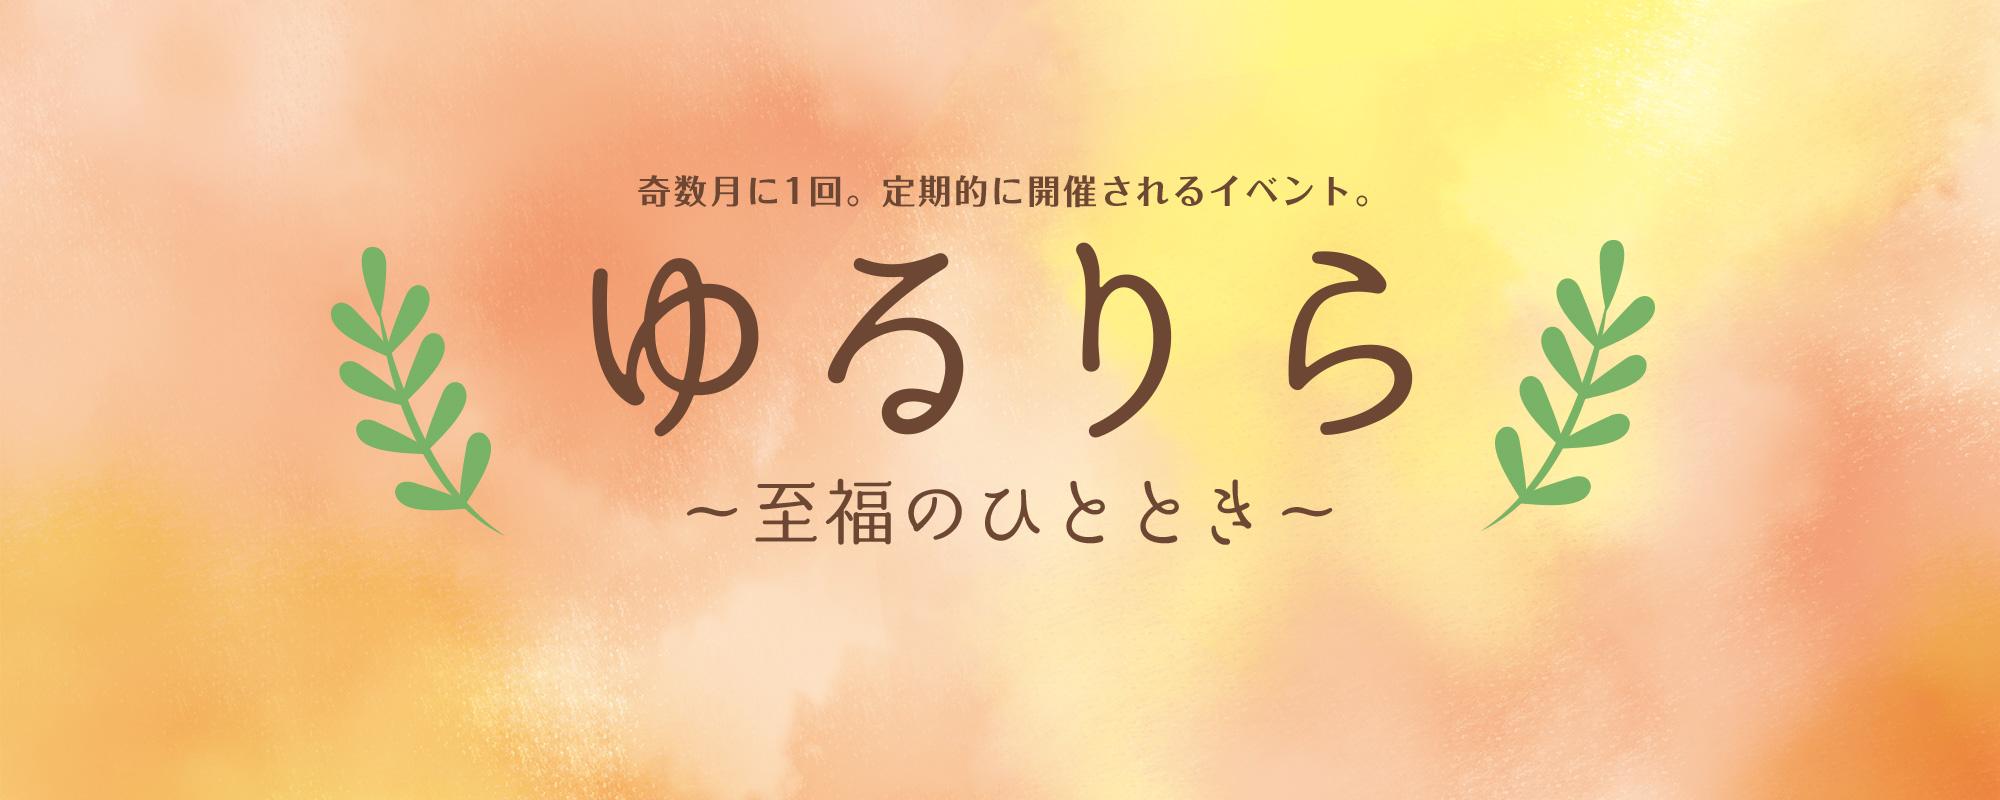 ゆるりら〜至福のひととき〜